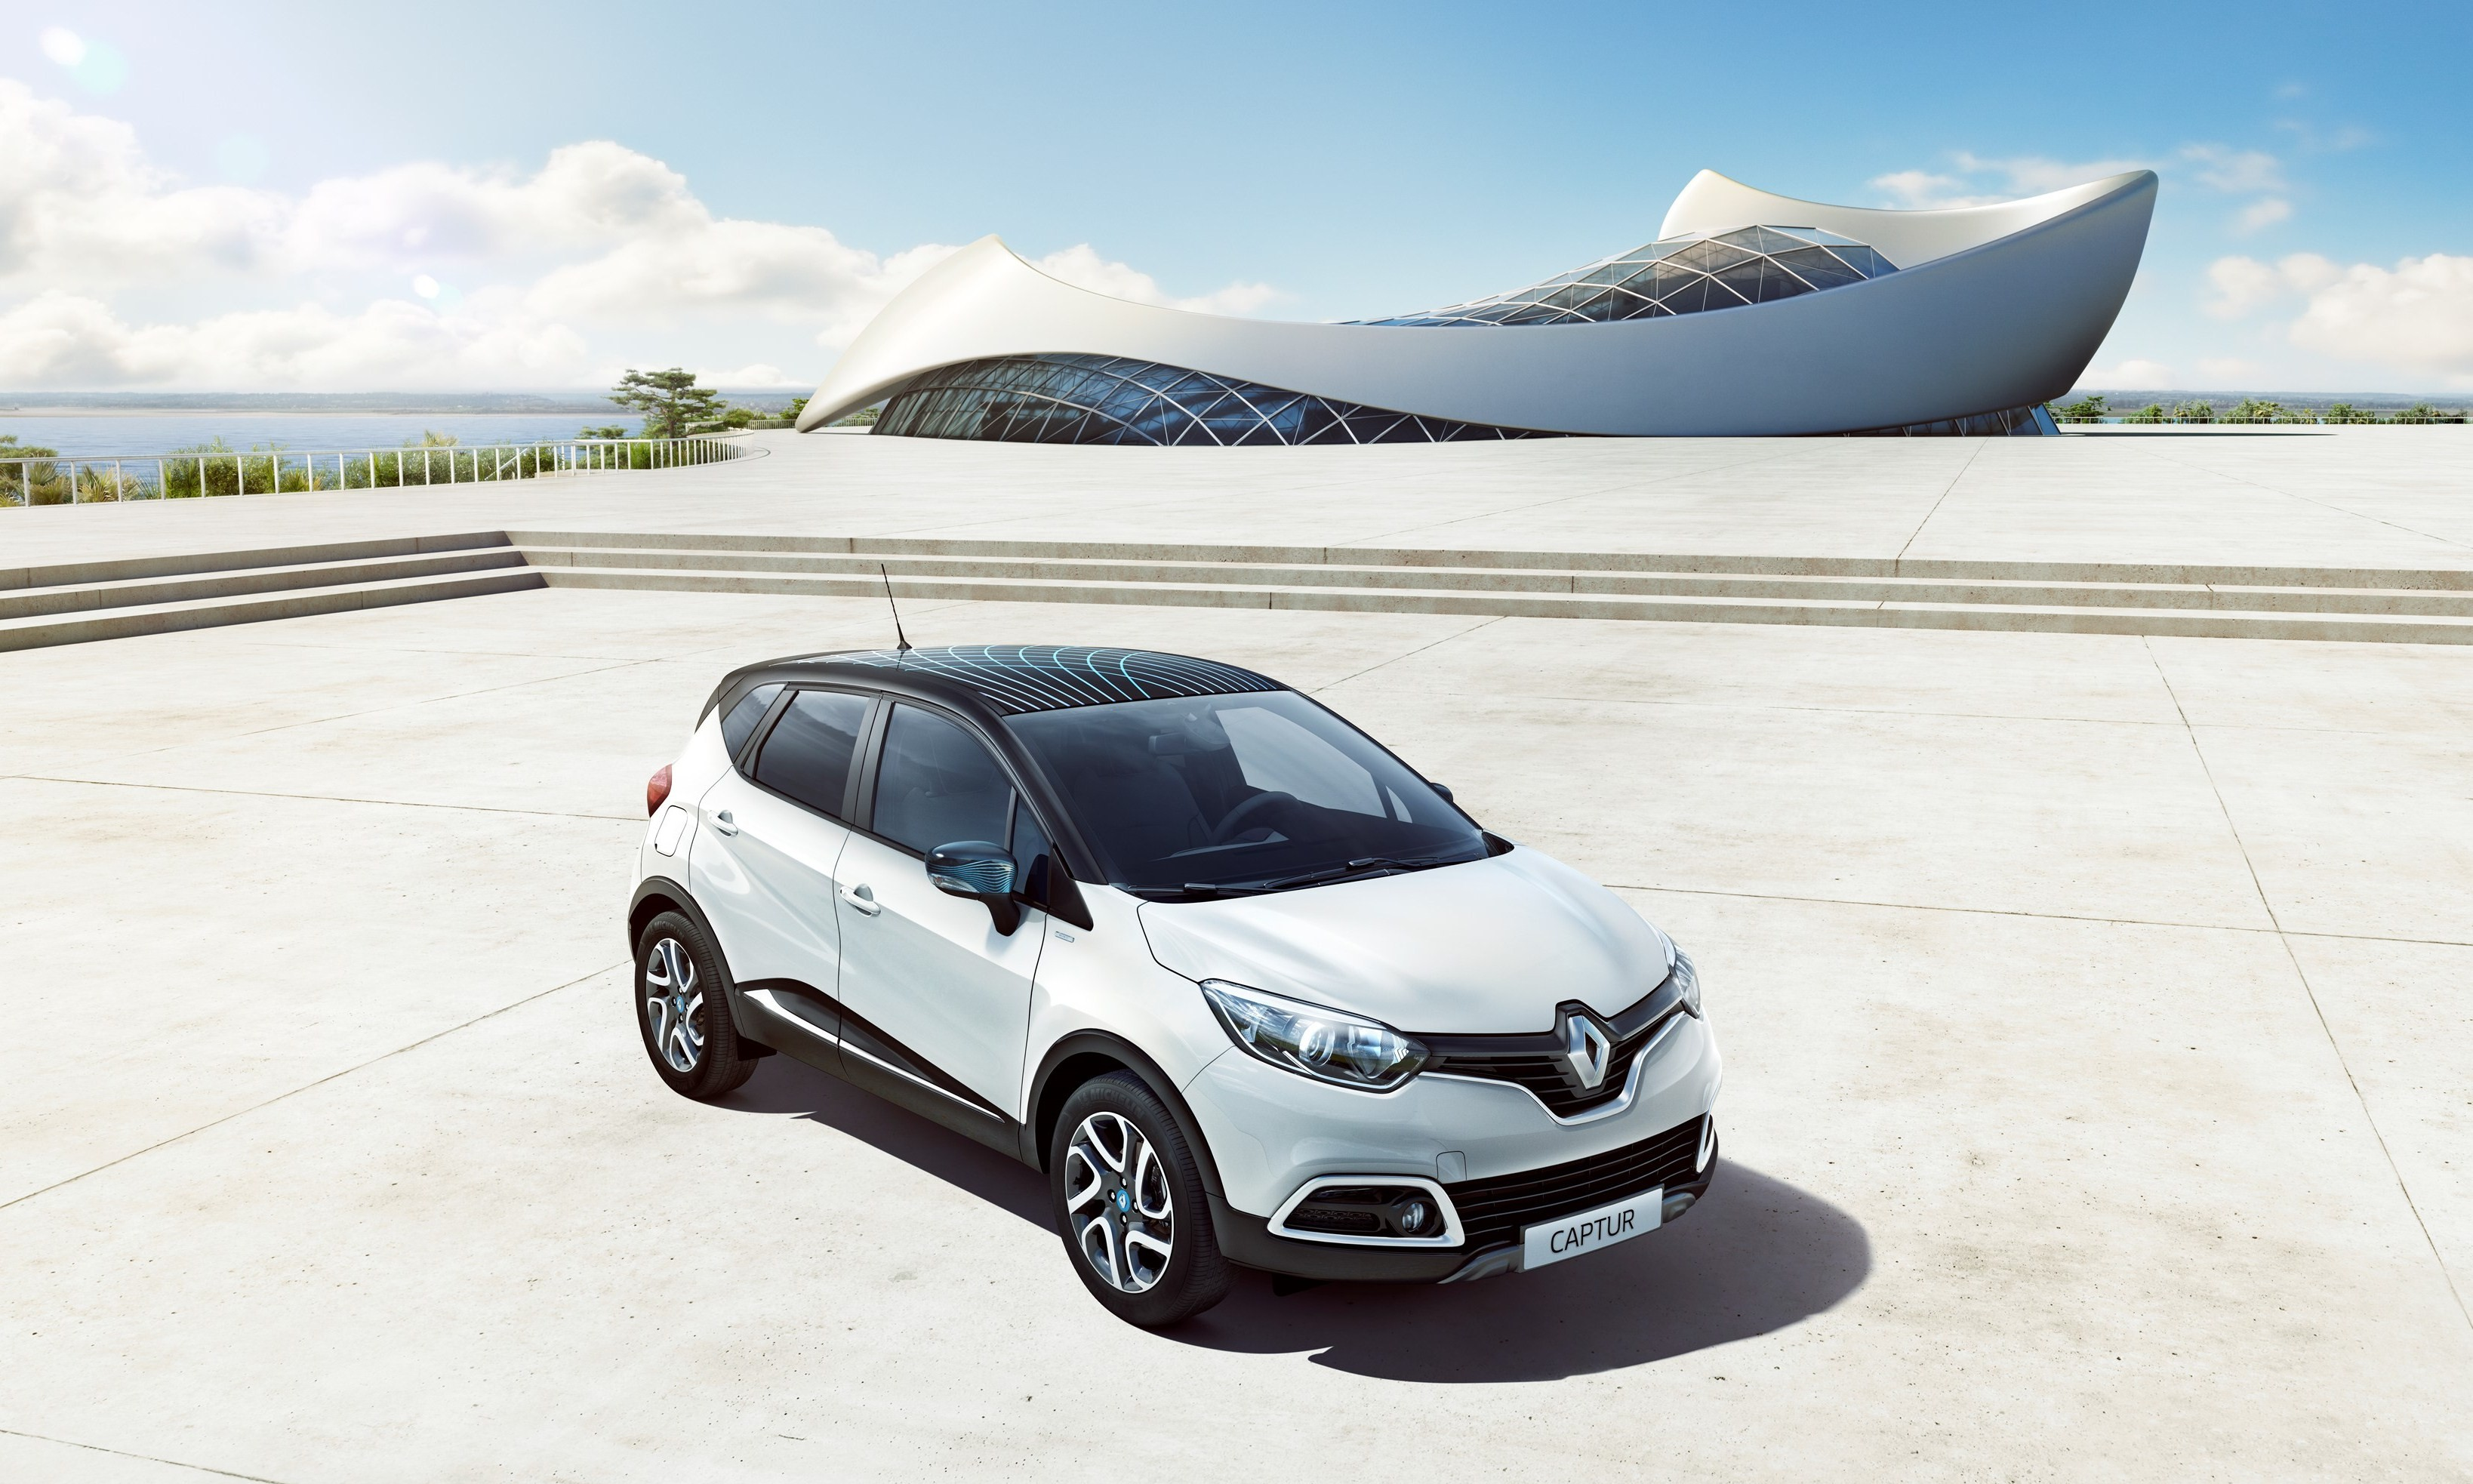 Renault_79198_global_en